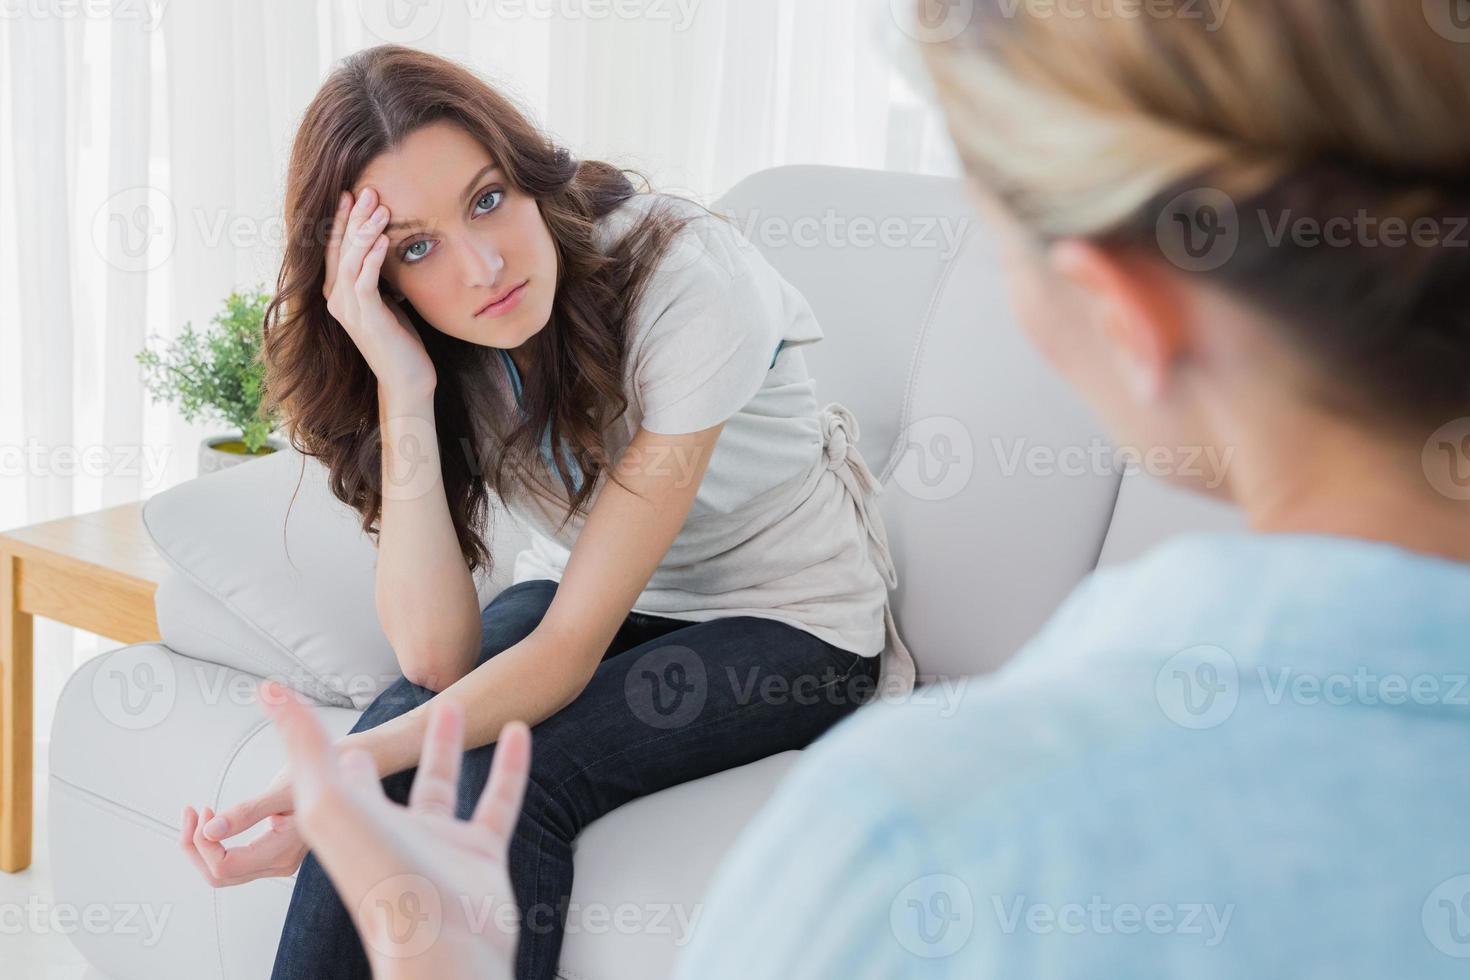 mulher preocupada, sentado e olhando para a câmera durante a terapia foto